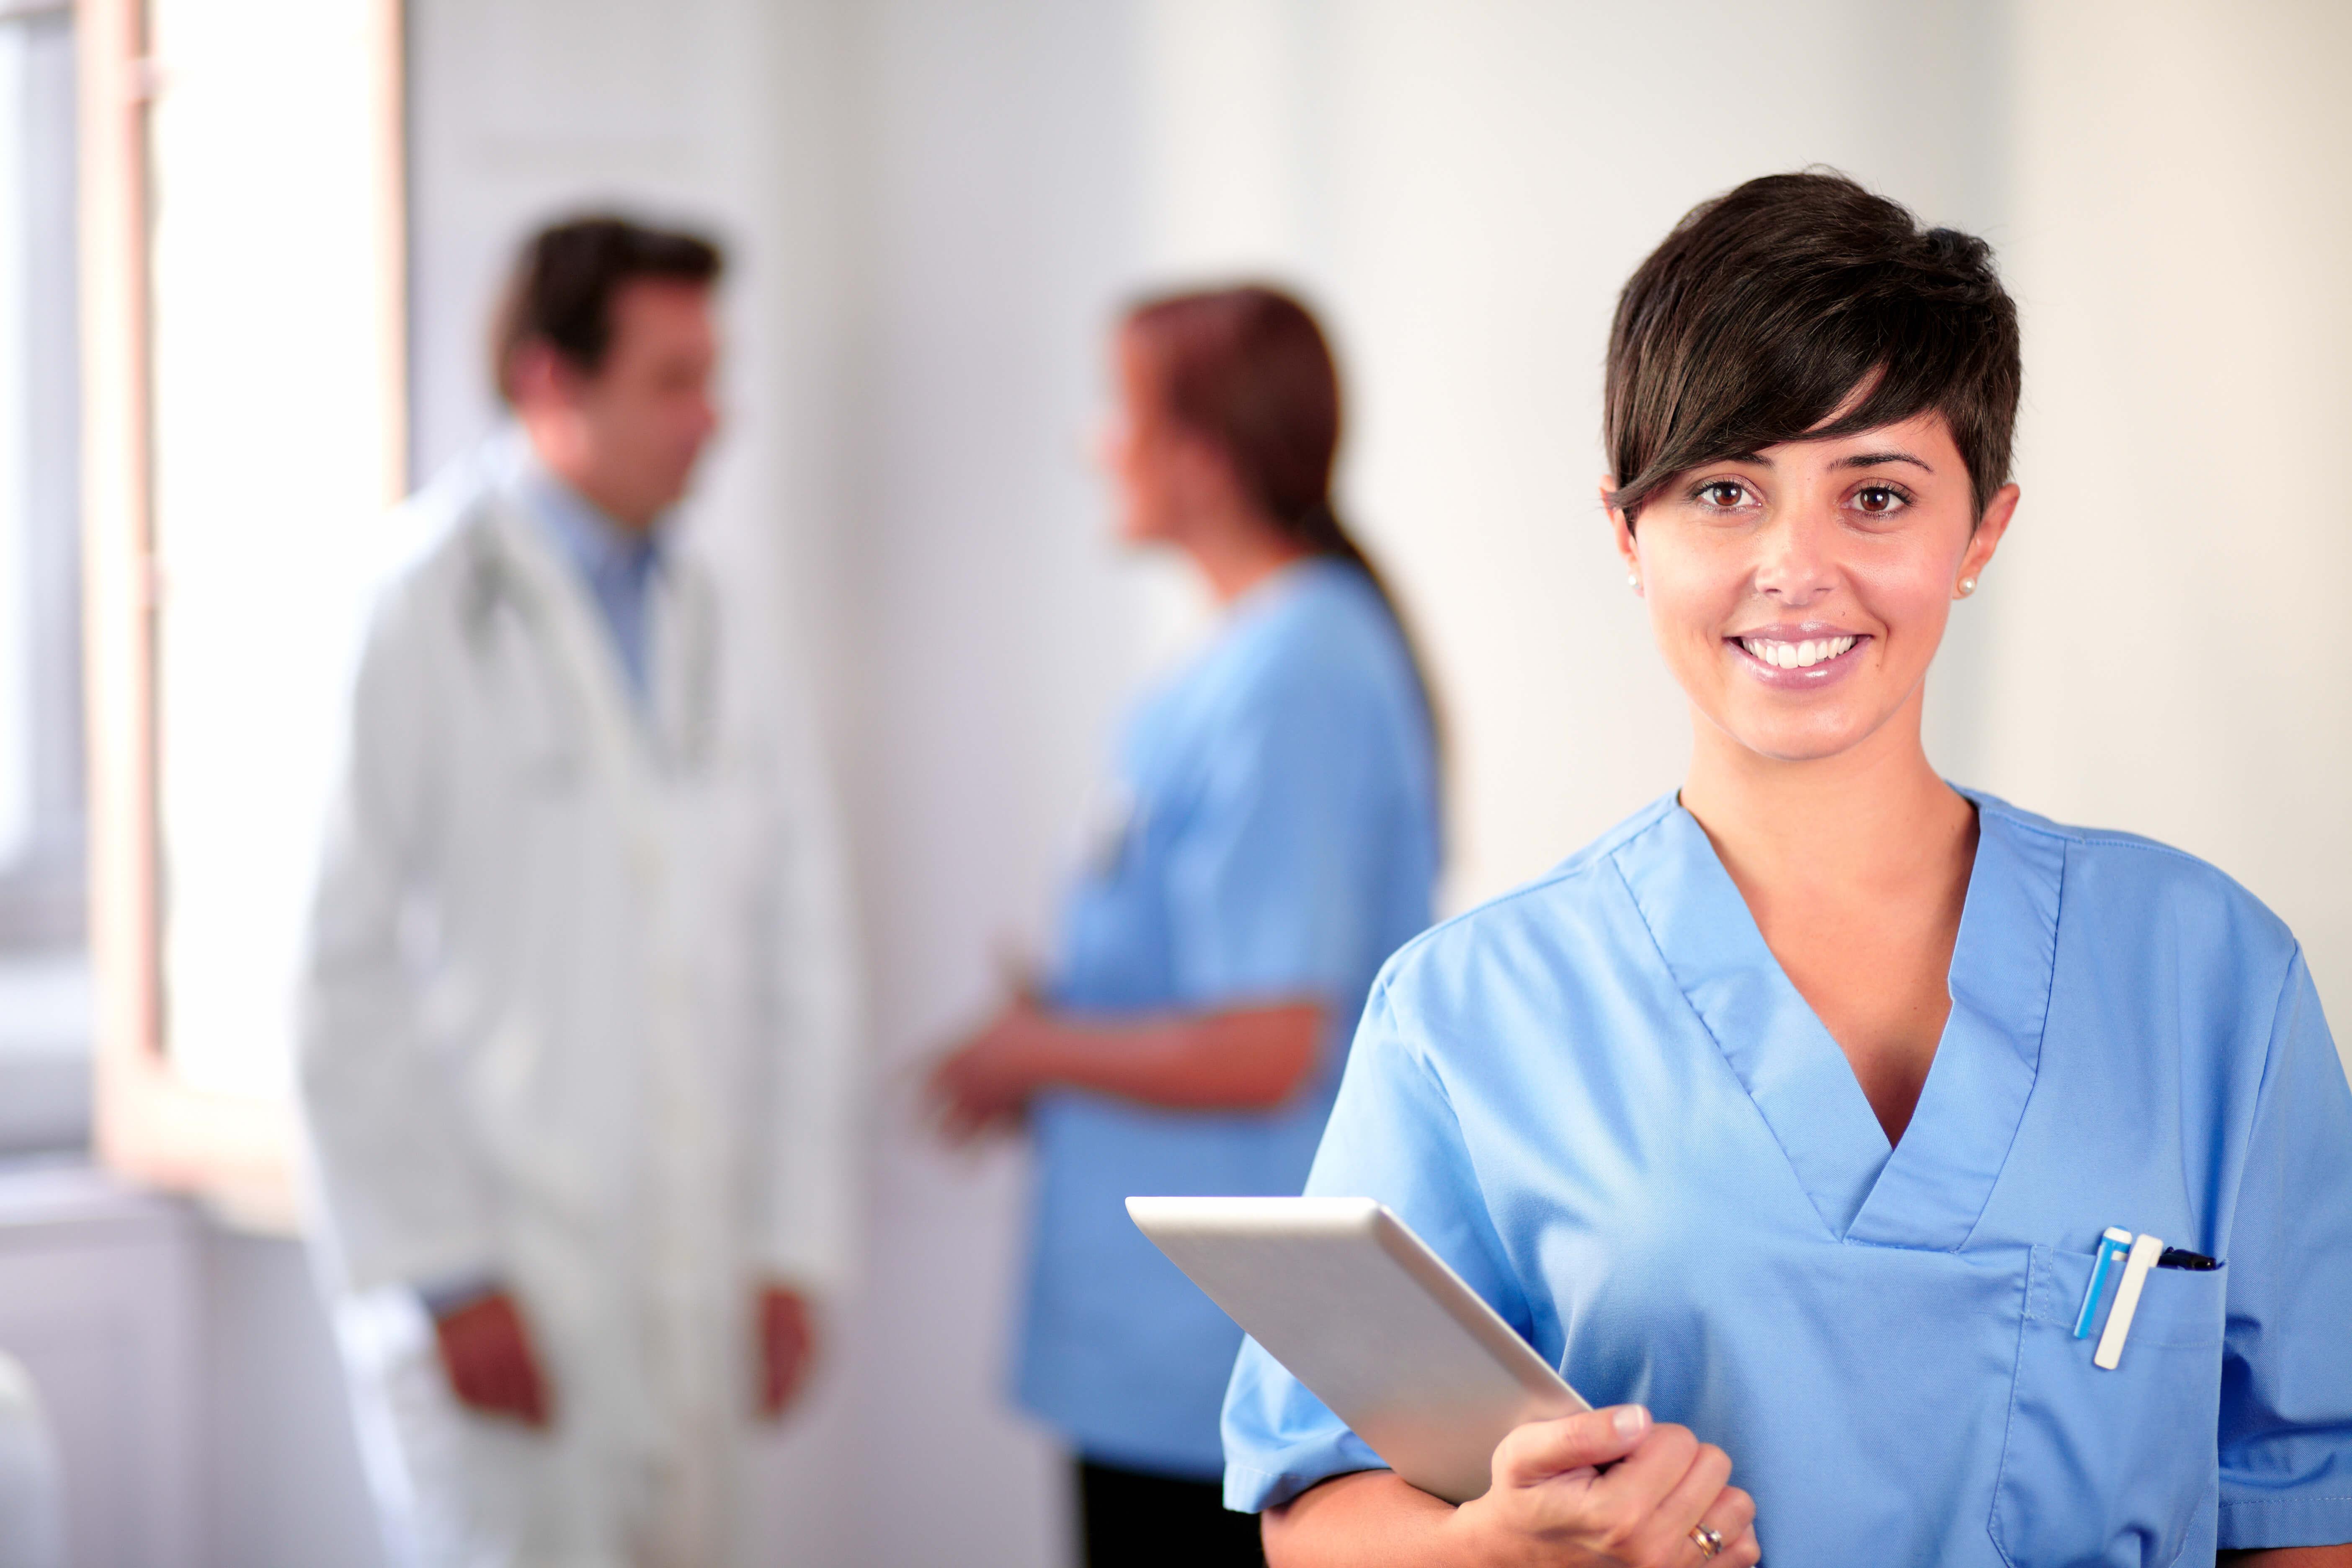 Top 20 In-Demand Healthcare Careers